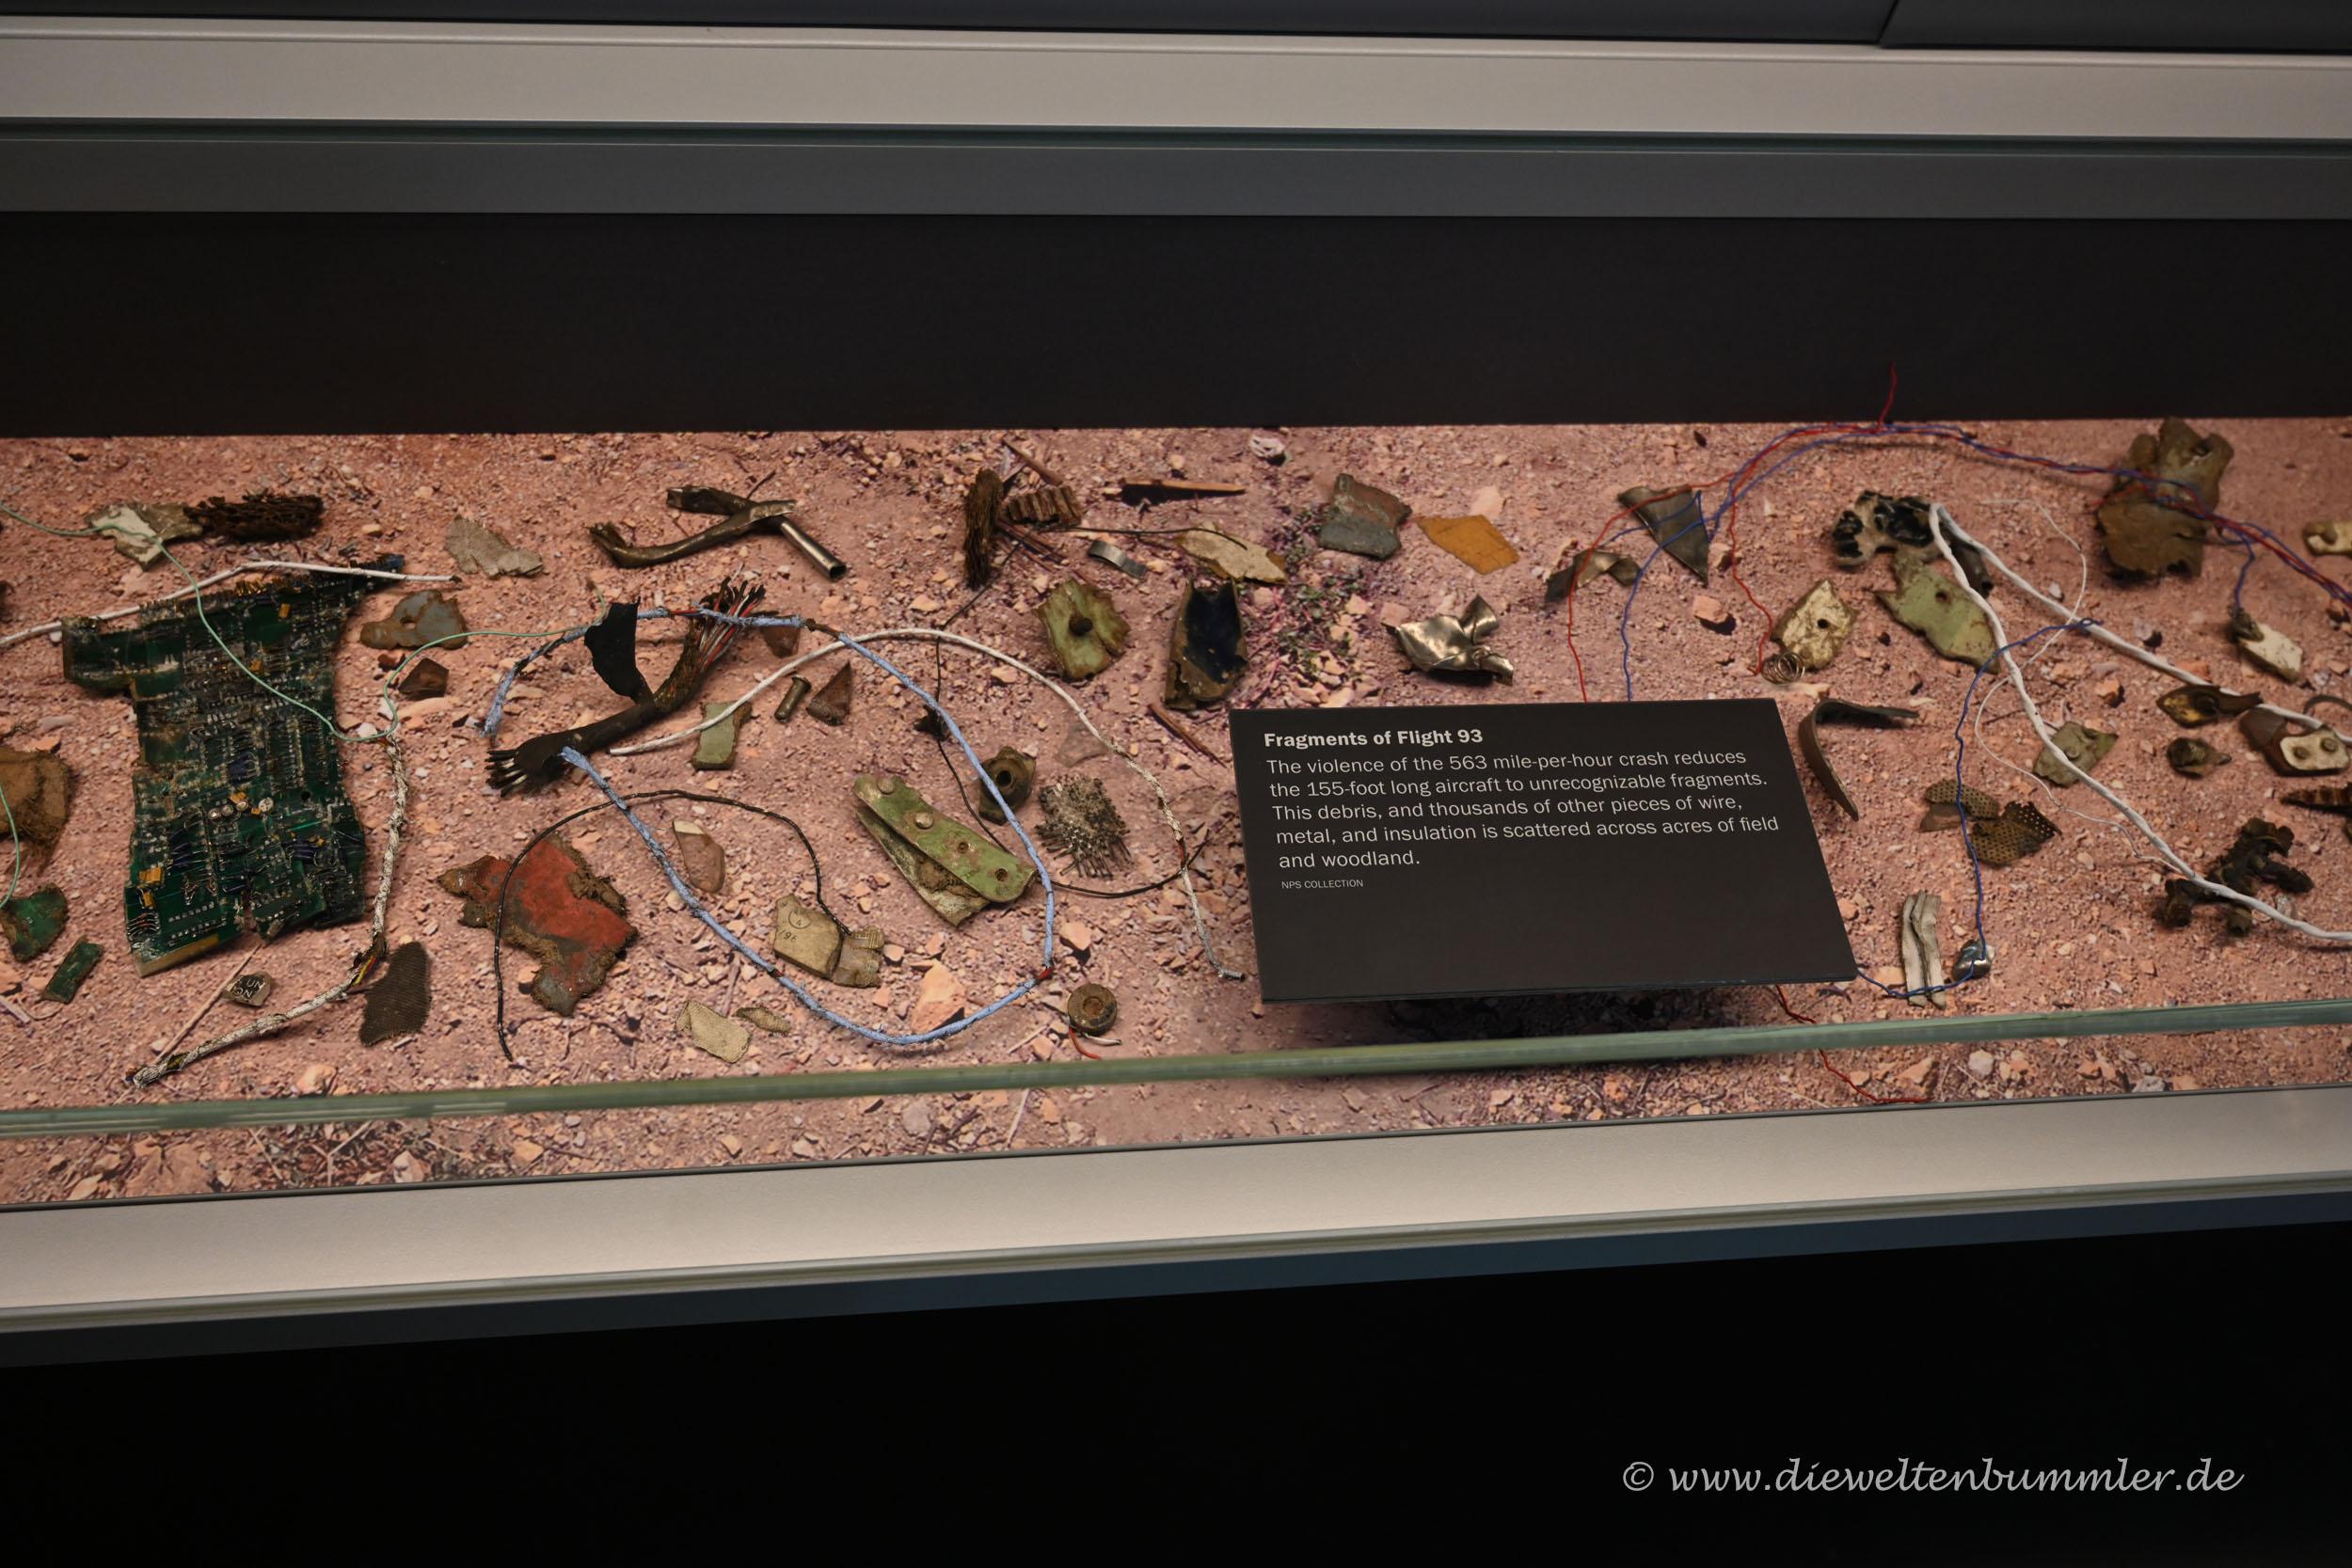 Bruchstücke von Flight 93